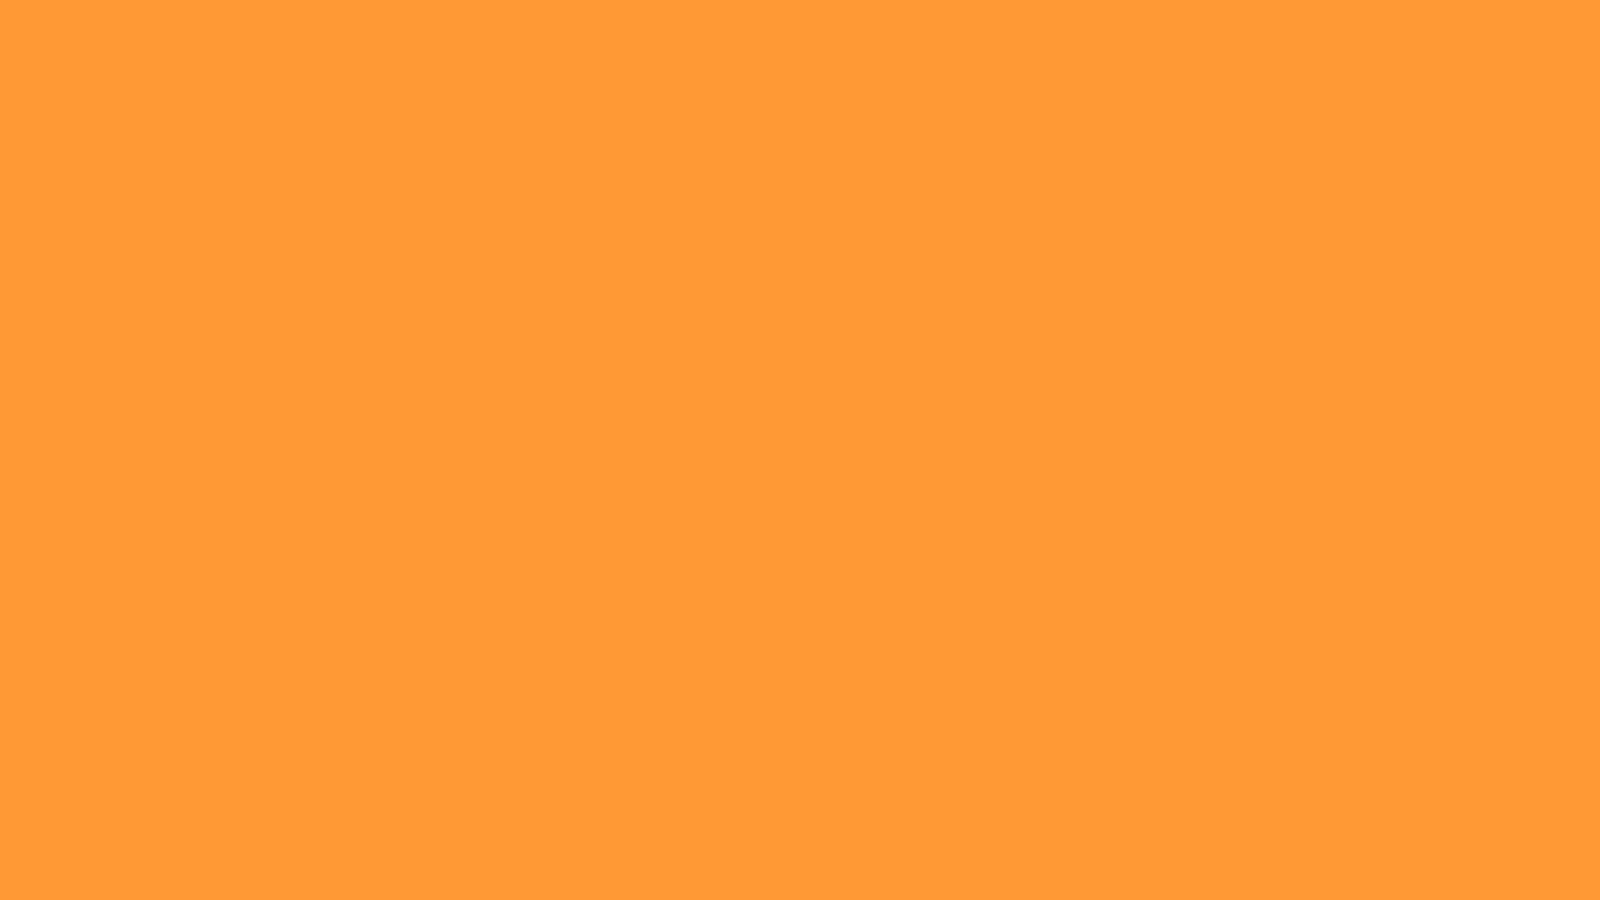 1600x900 Deep Saffron Solid Color Background